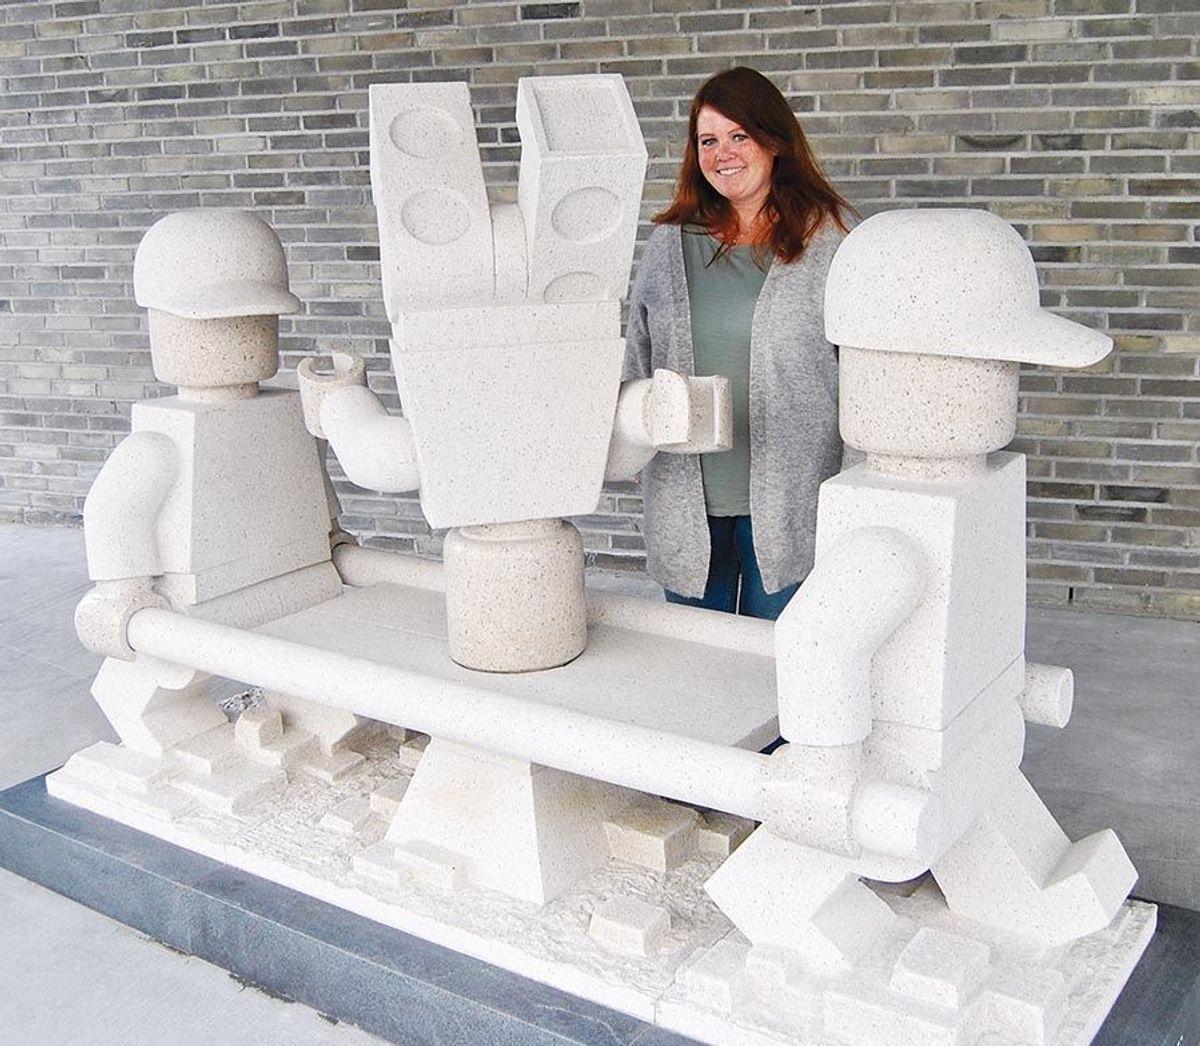 Skulptøren Hans Martin Øyen har bidratt til utsmykkingen, både inne i bygget og ved inngangspartiet. Denne faller godt inn i tematikken, mener kommunens prosjektleder Heidi Vassli.